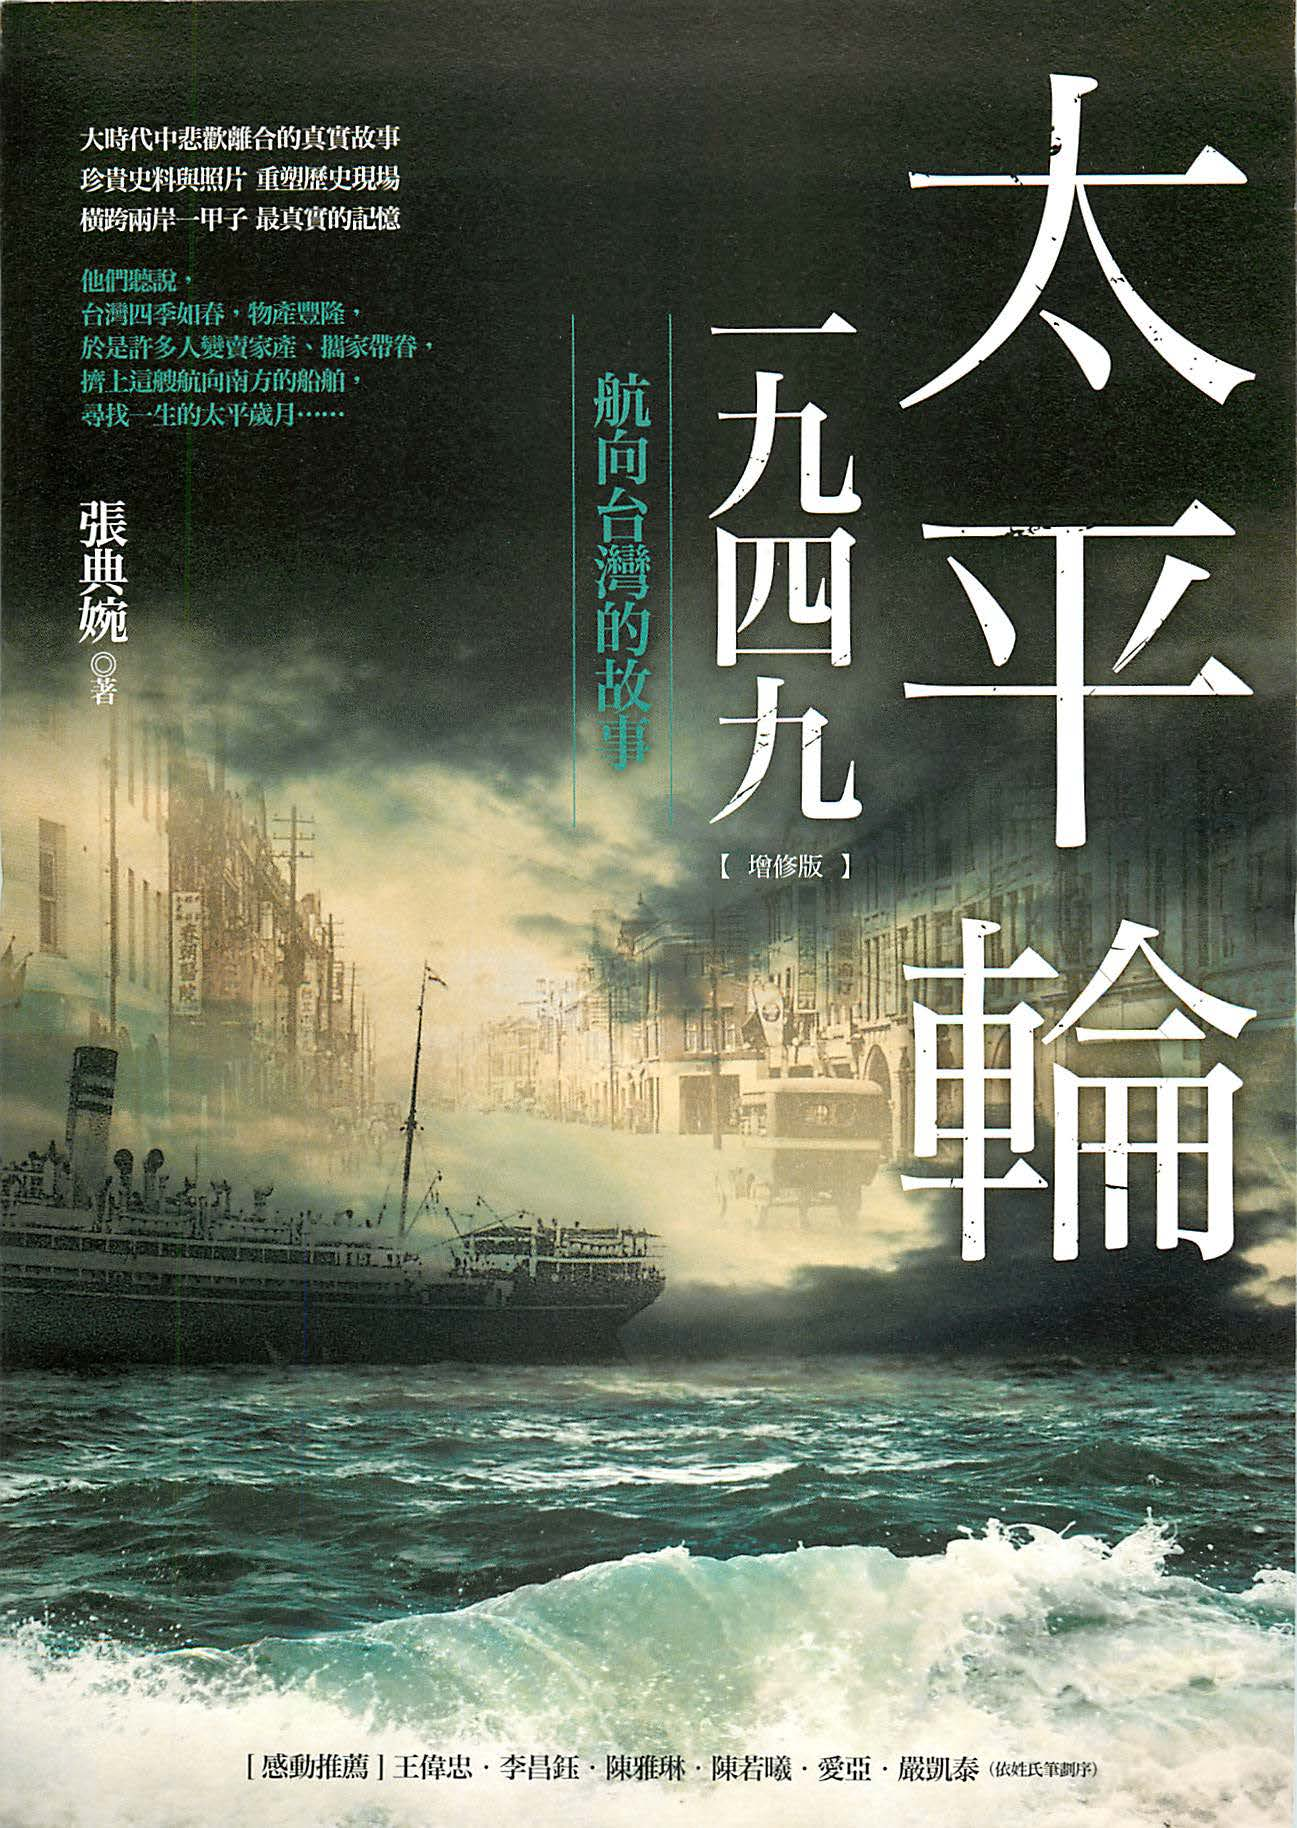 另開新視窗呈現 太平輪一九四九 航向台灣的故事 封面